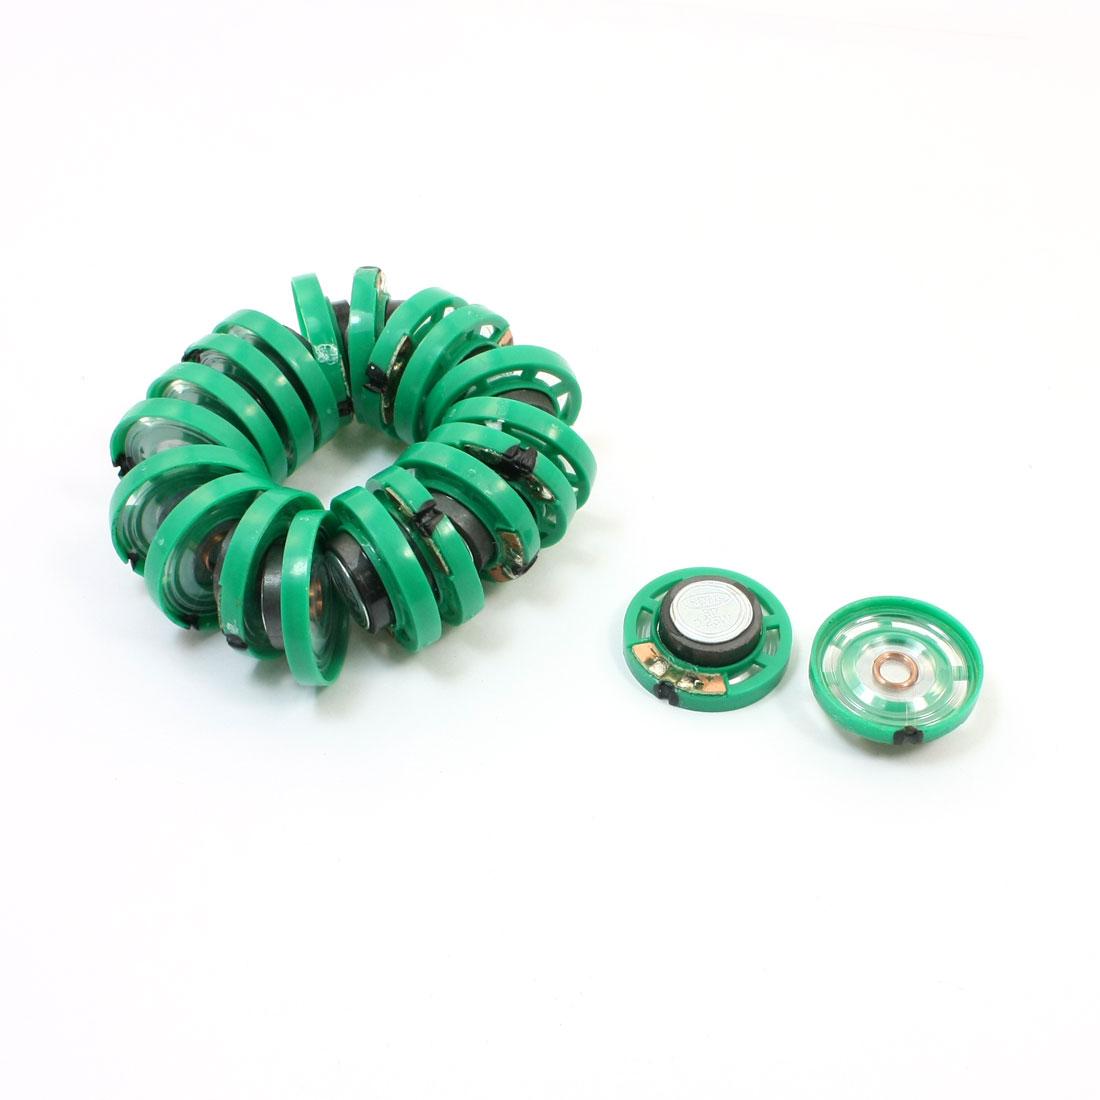 20Pcs 0.25W 8ohm 85db 27mm Diameter Speaker Green for Door Bell